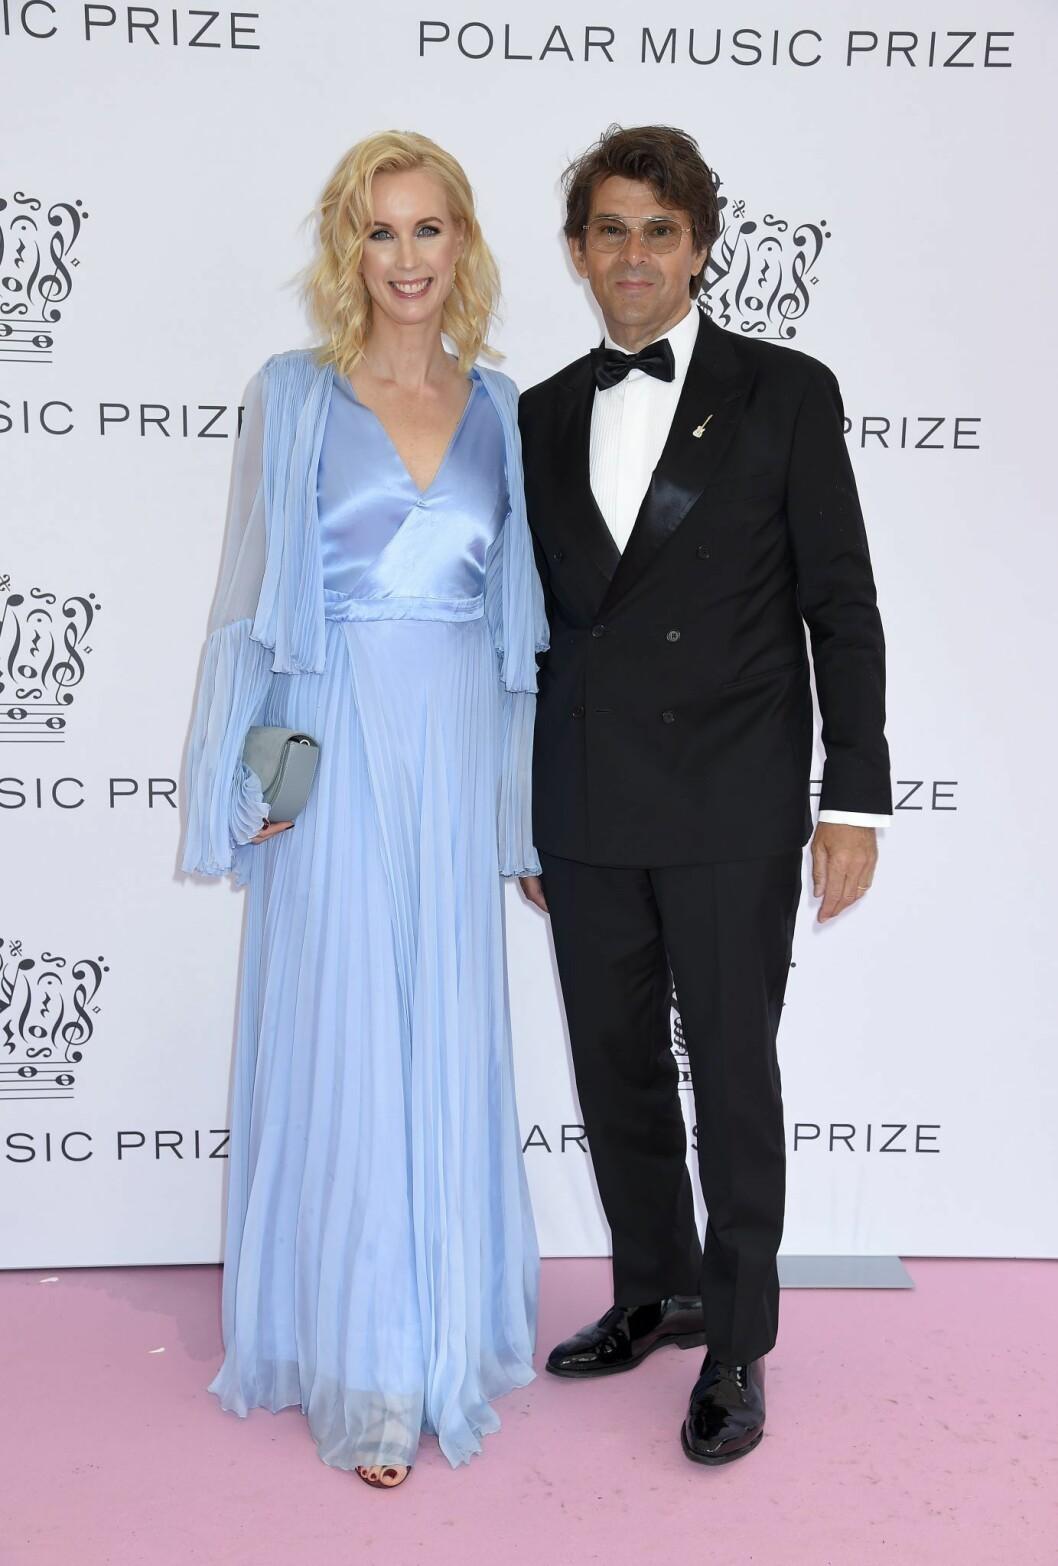 Kändisparet Jenny och Niklas Strömstedt har varit tillsammans i 13 år.